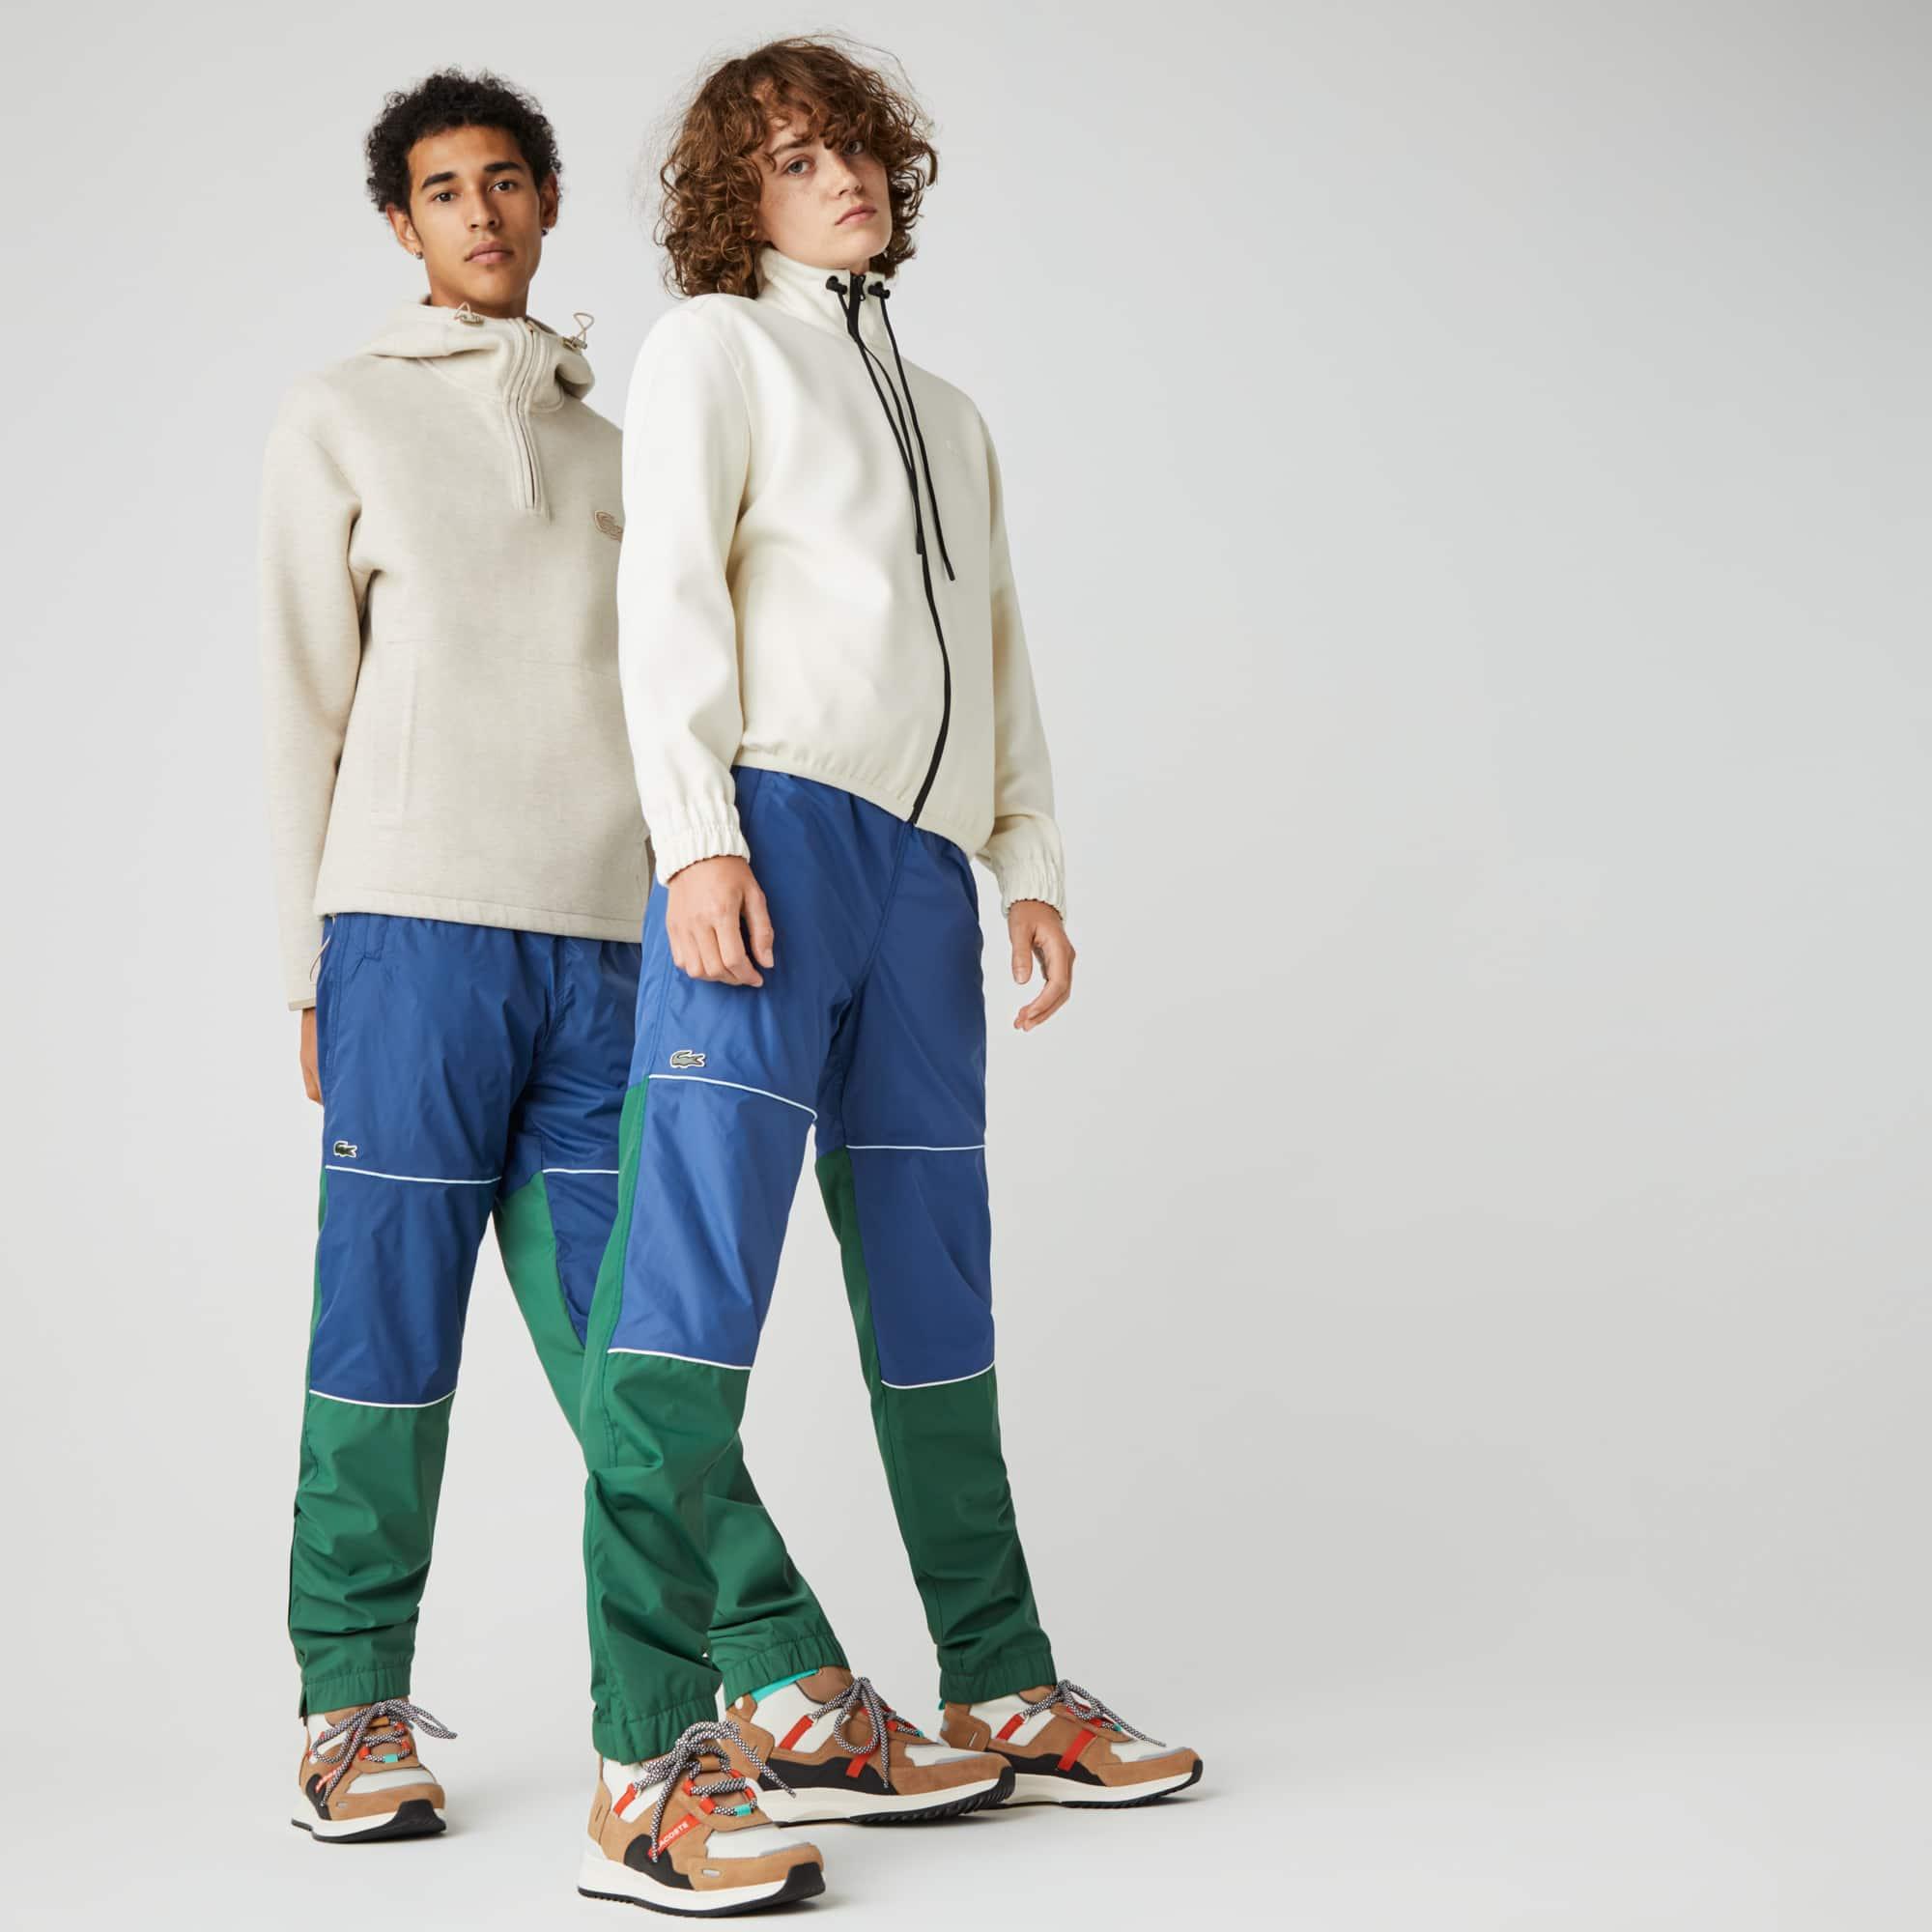 라코스테 남녀공용 라이브 트랙수트 팬츠 Lacoste Unisex LIVE Colorblock Tracksuit Pants,Green / Blue E1Z